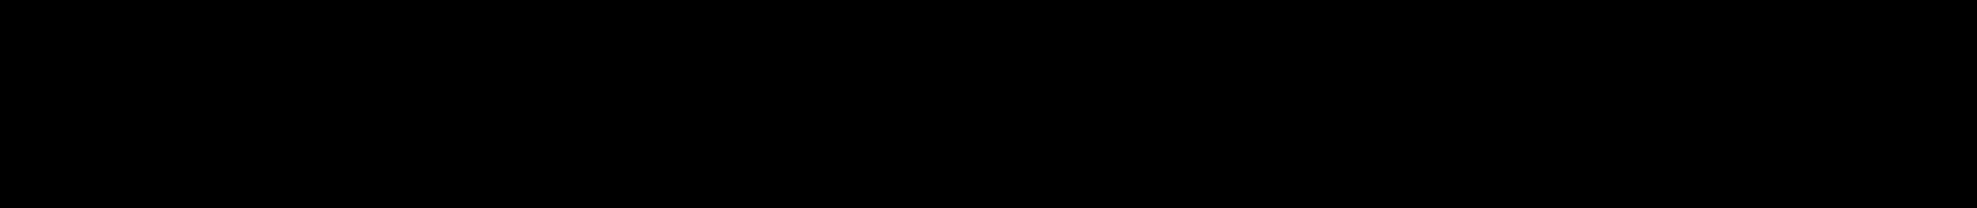 yfs-magazine-logo-lg